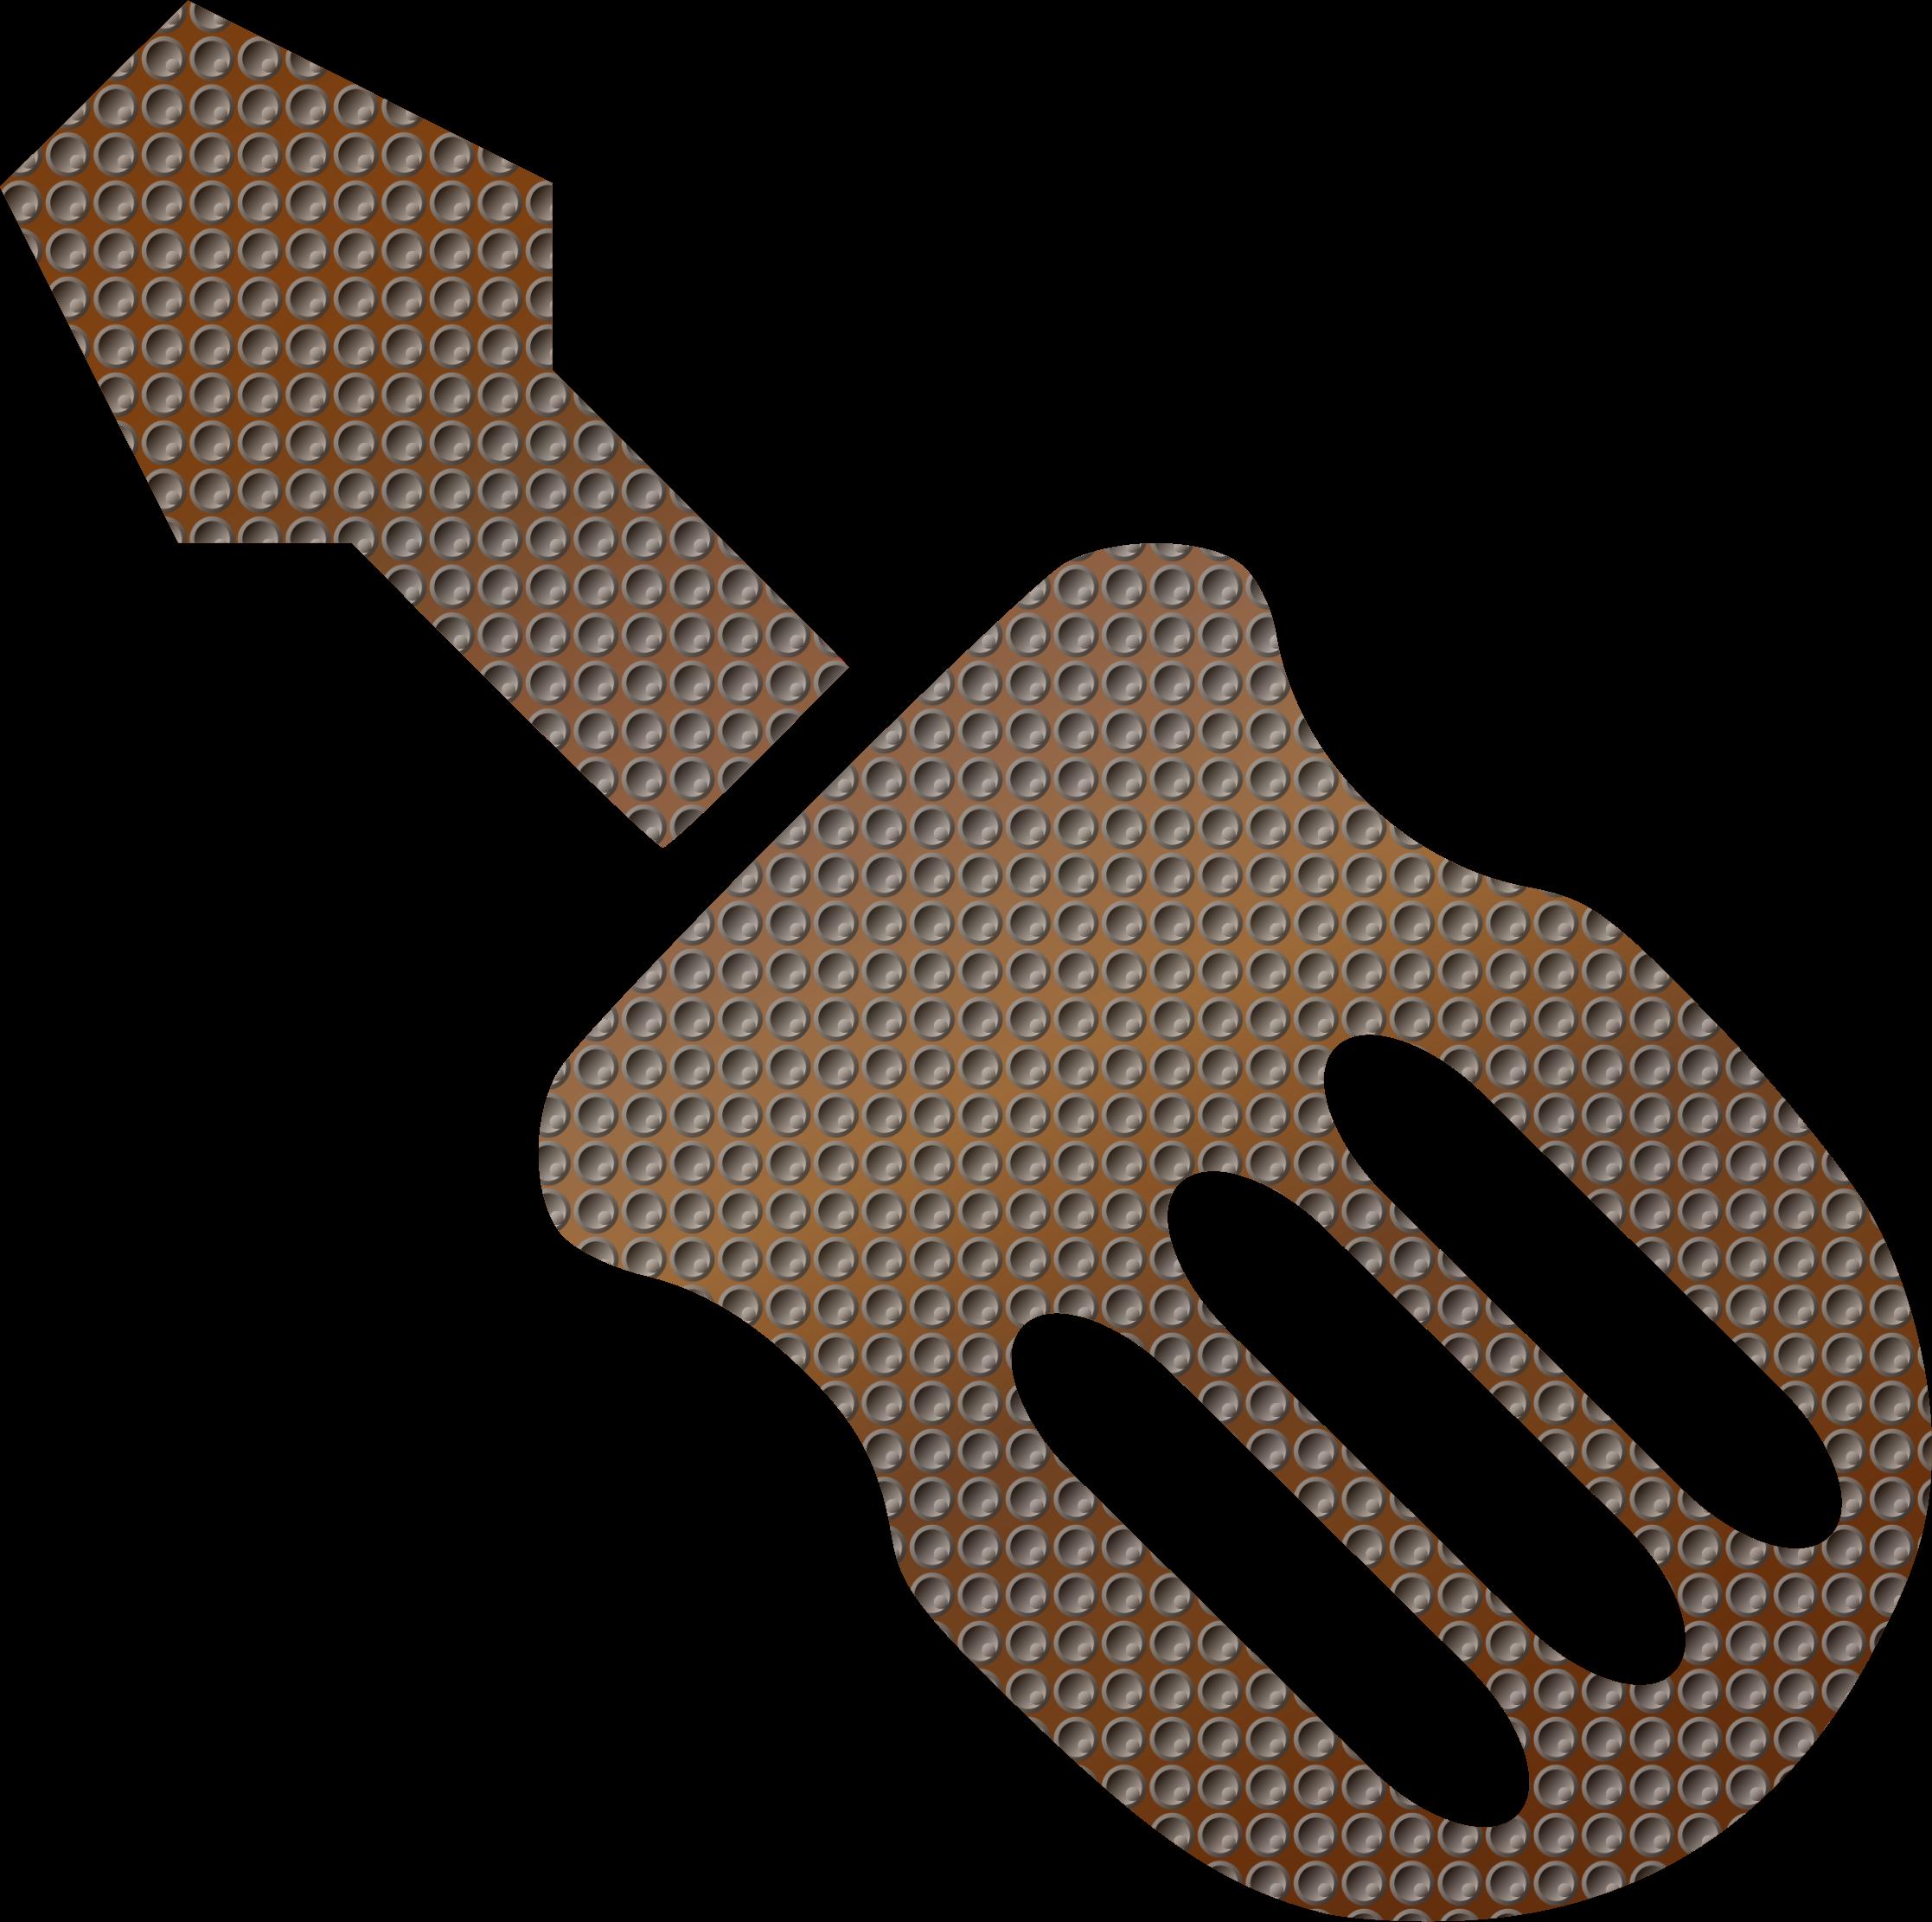 Screwdriver clipart hand tool. Vector remix big image